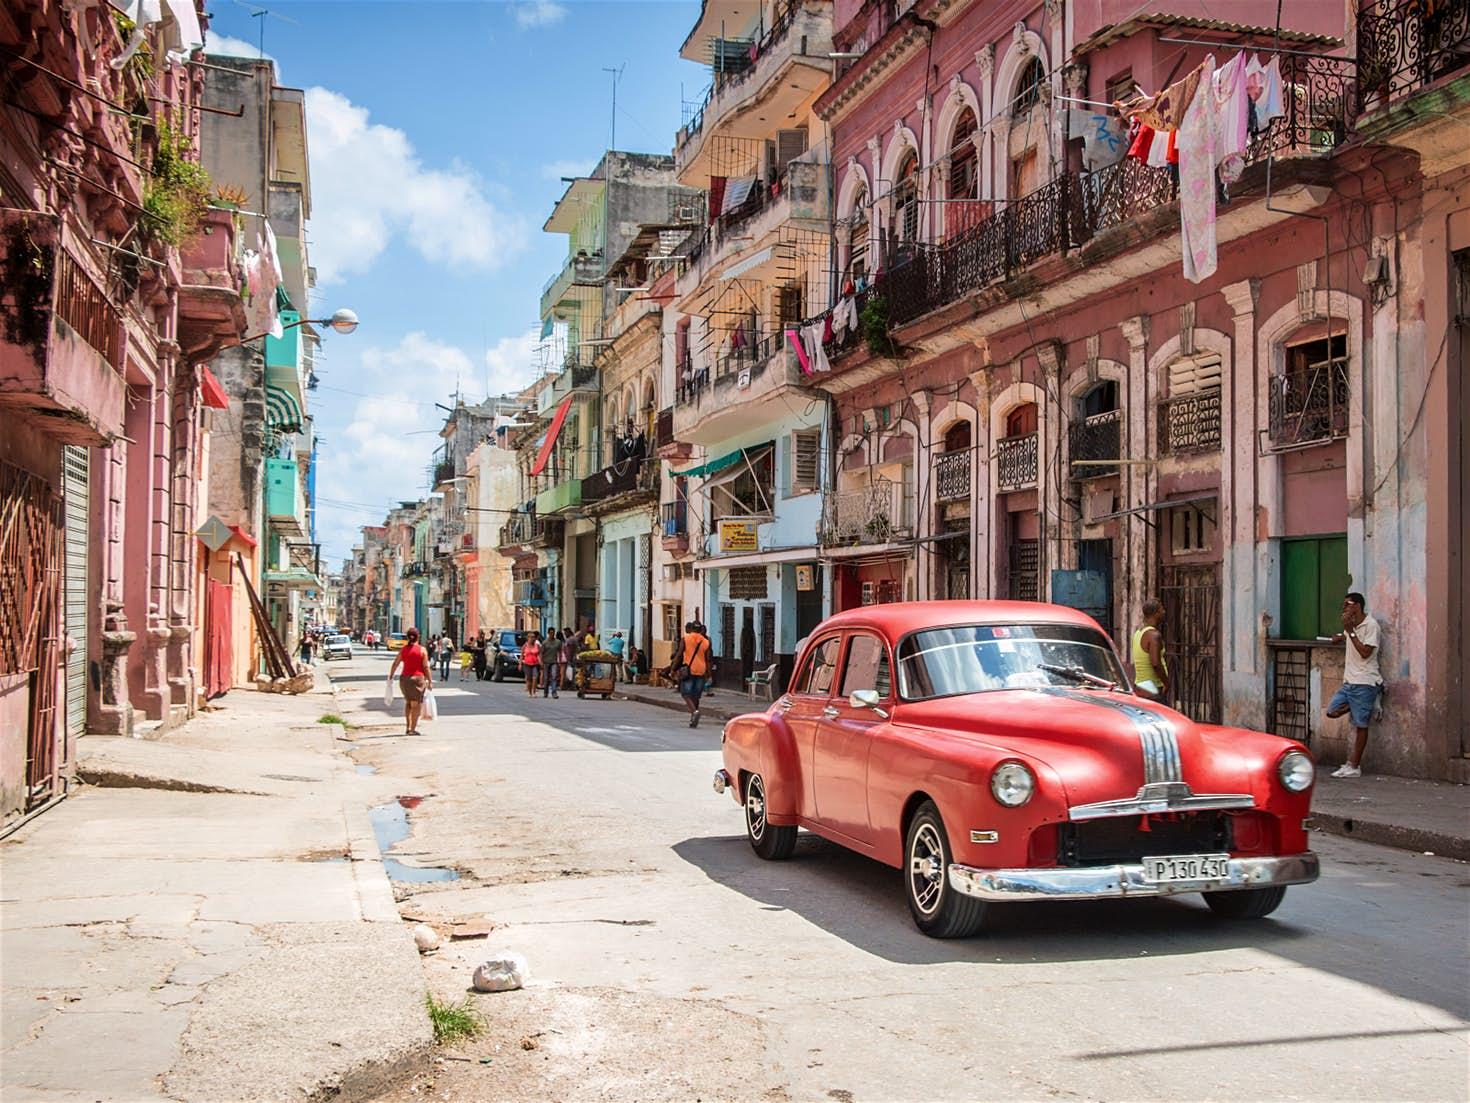 Car_Havana-6d8d955f0b57.jpg